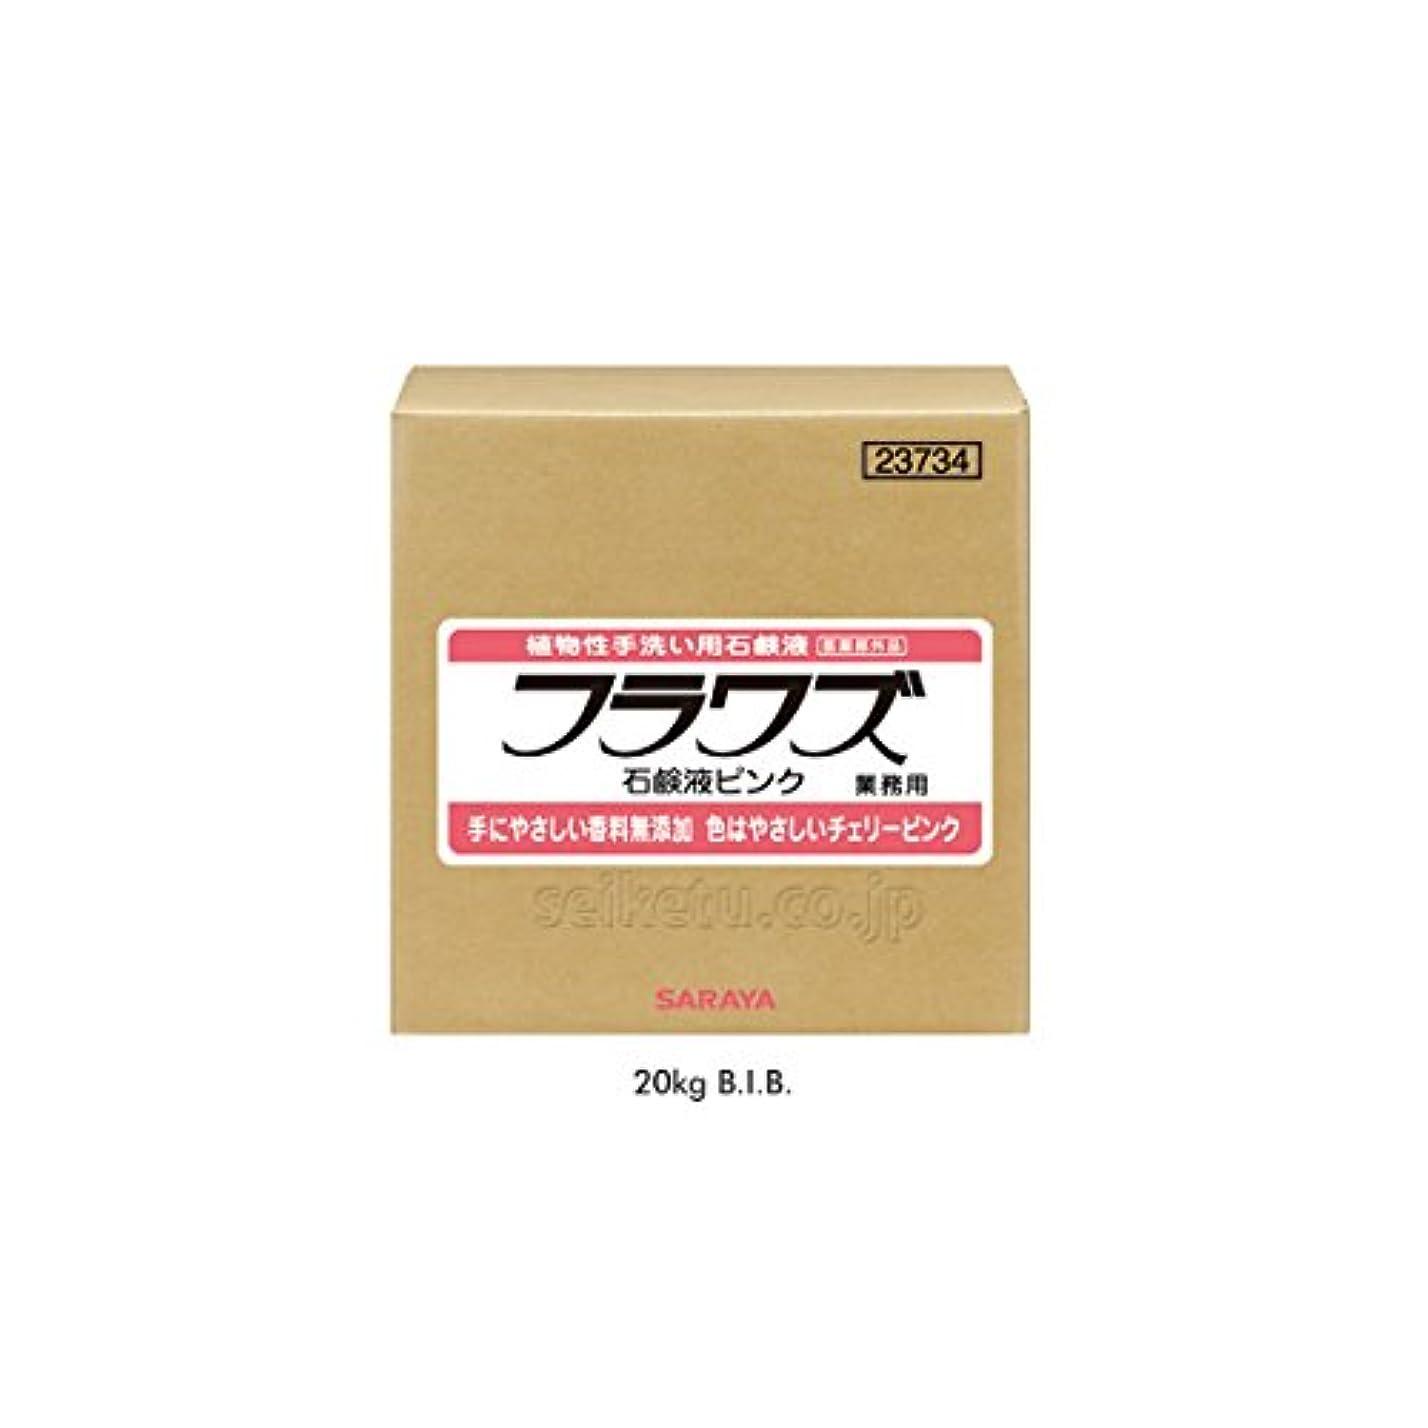 ヒロイン蛇行差別【清潔キレイ館】サラヤ フラワズ石鹸液ピンク(20kg)